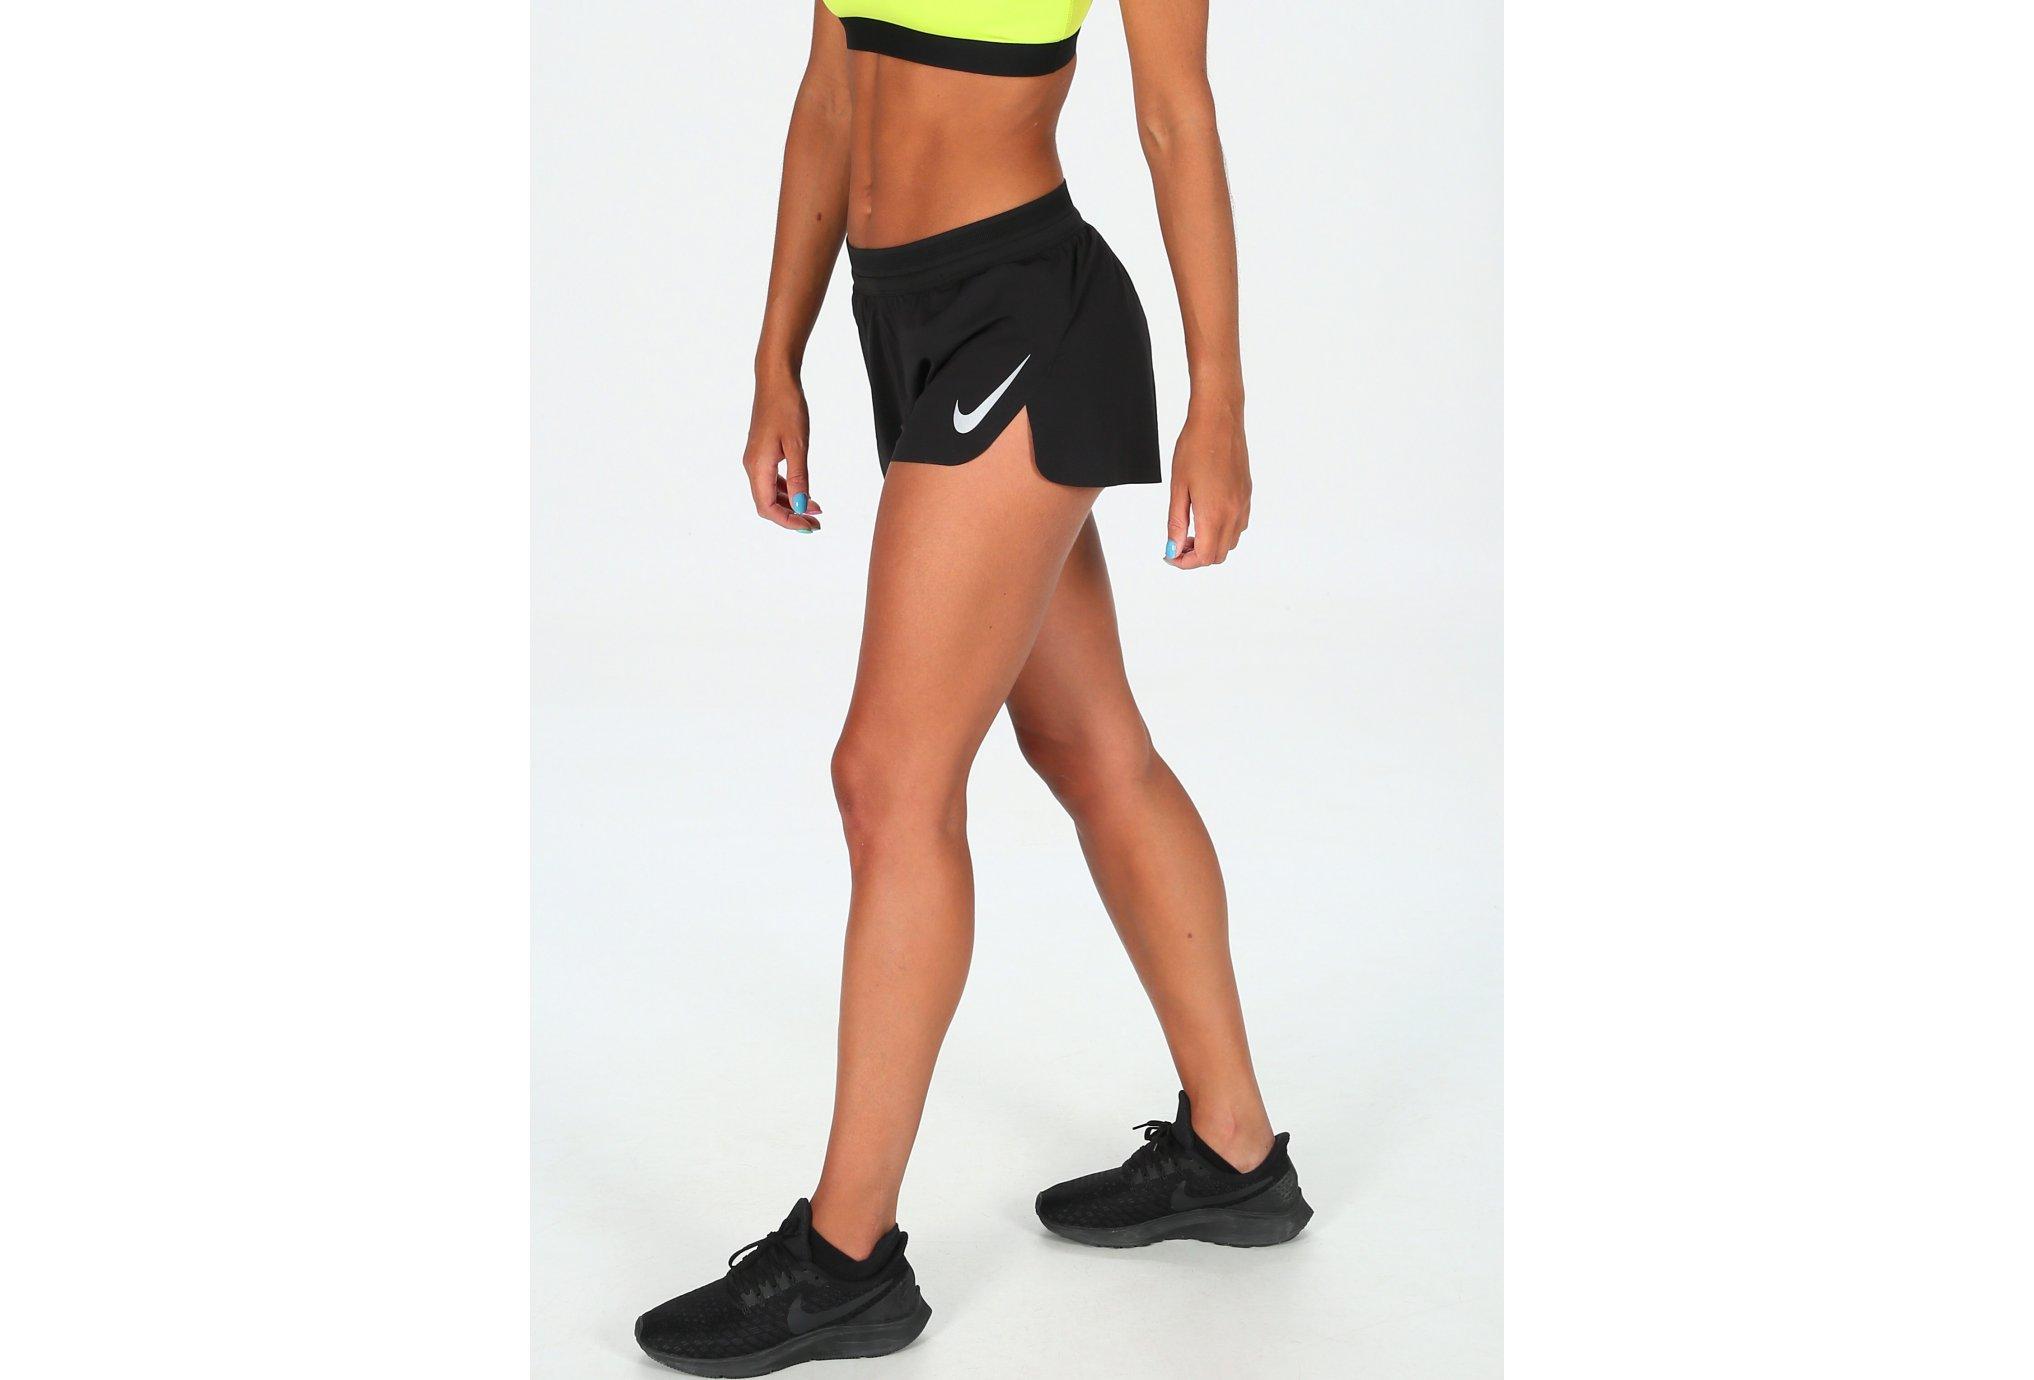 Nike Aeroswift Track W Diététique Vêtements femme